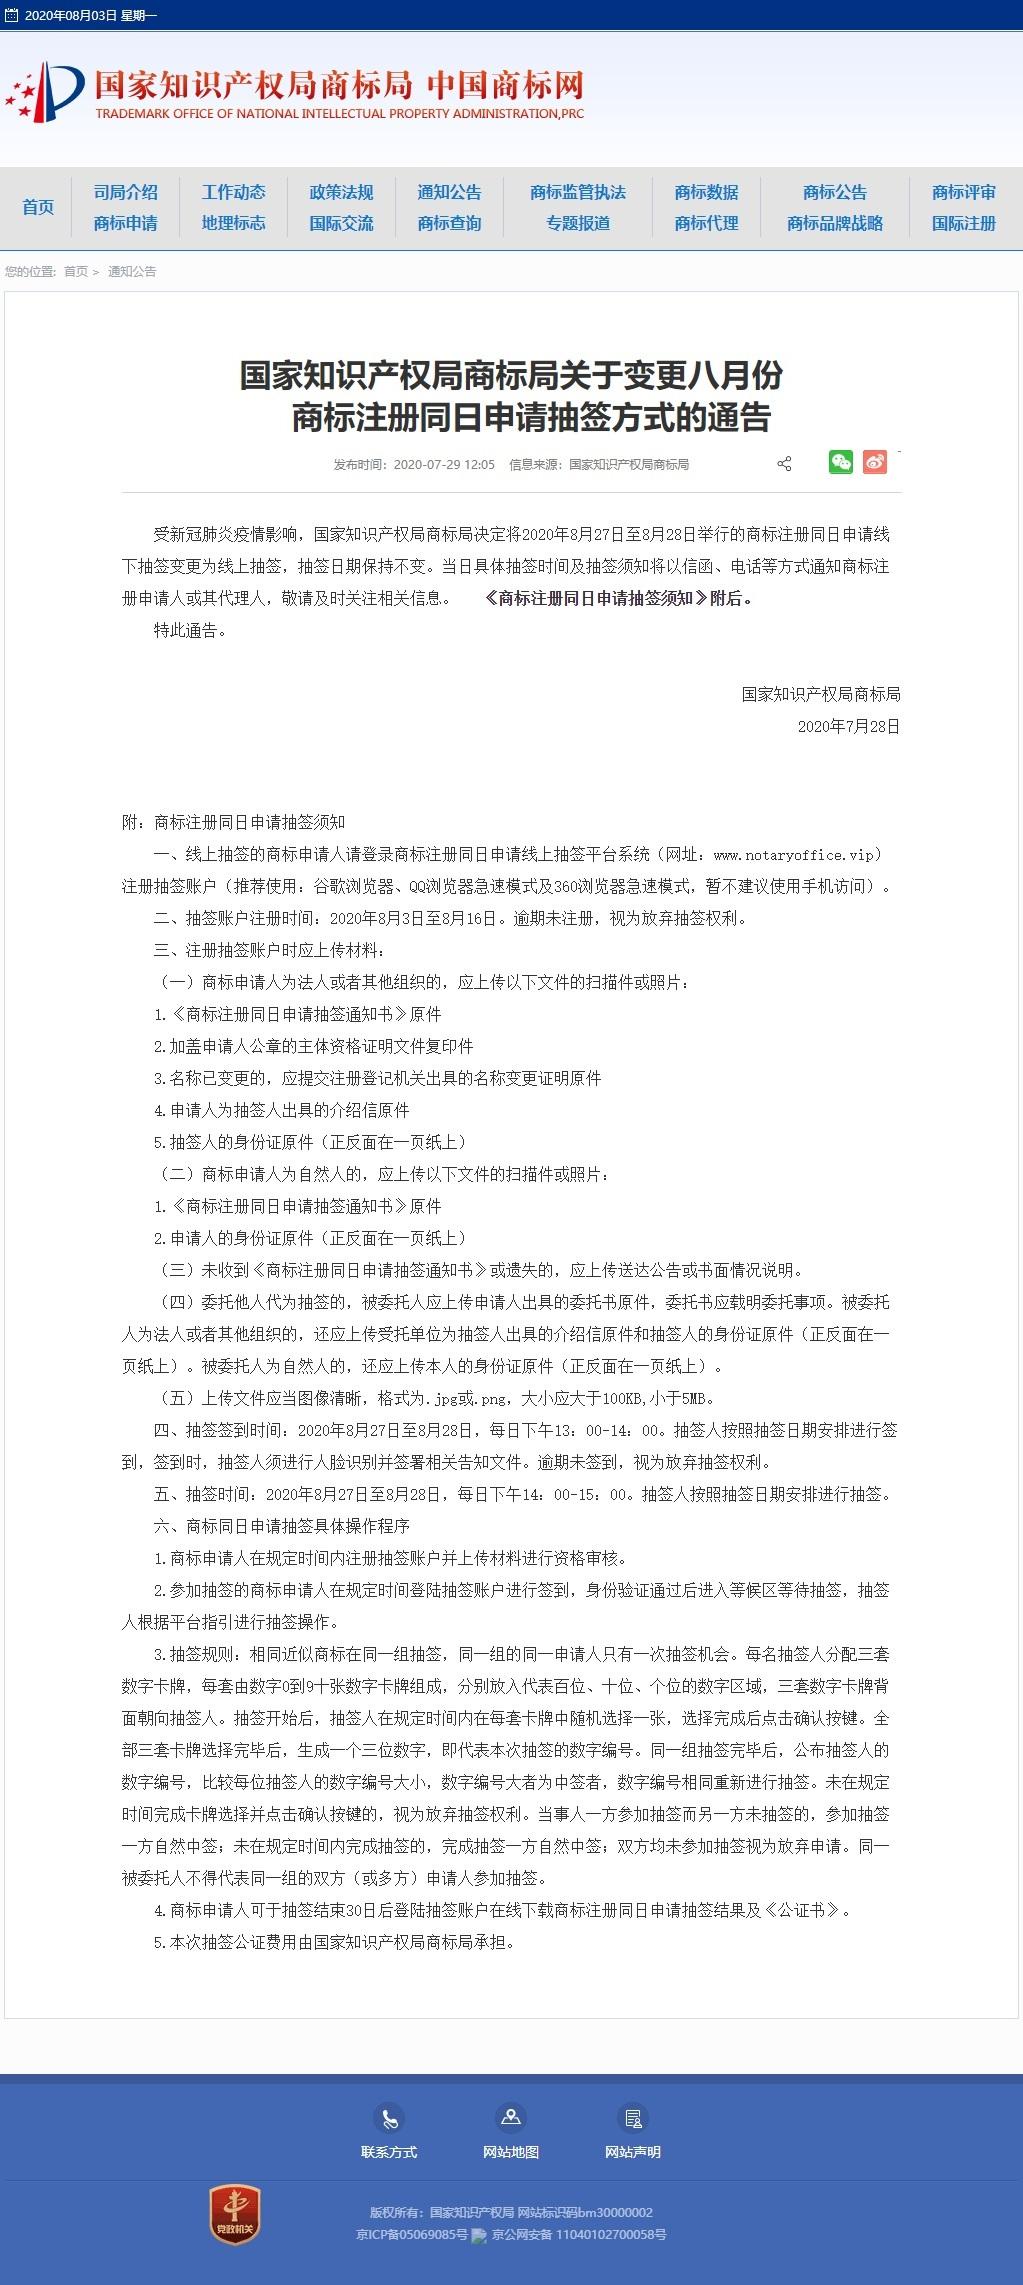 国家知识产权局商标局关于变更八月份商标注册同日申请抽签方式的通告.jpg